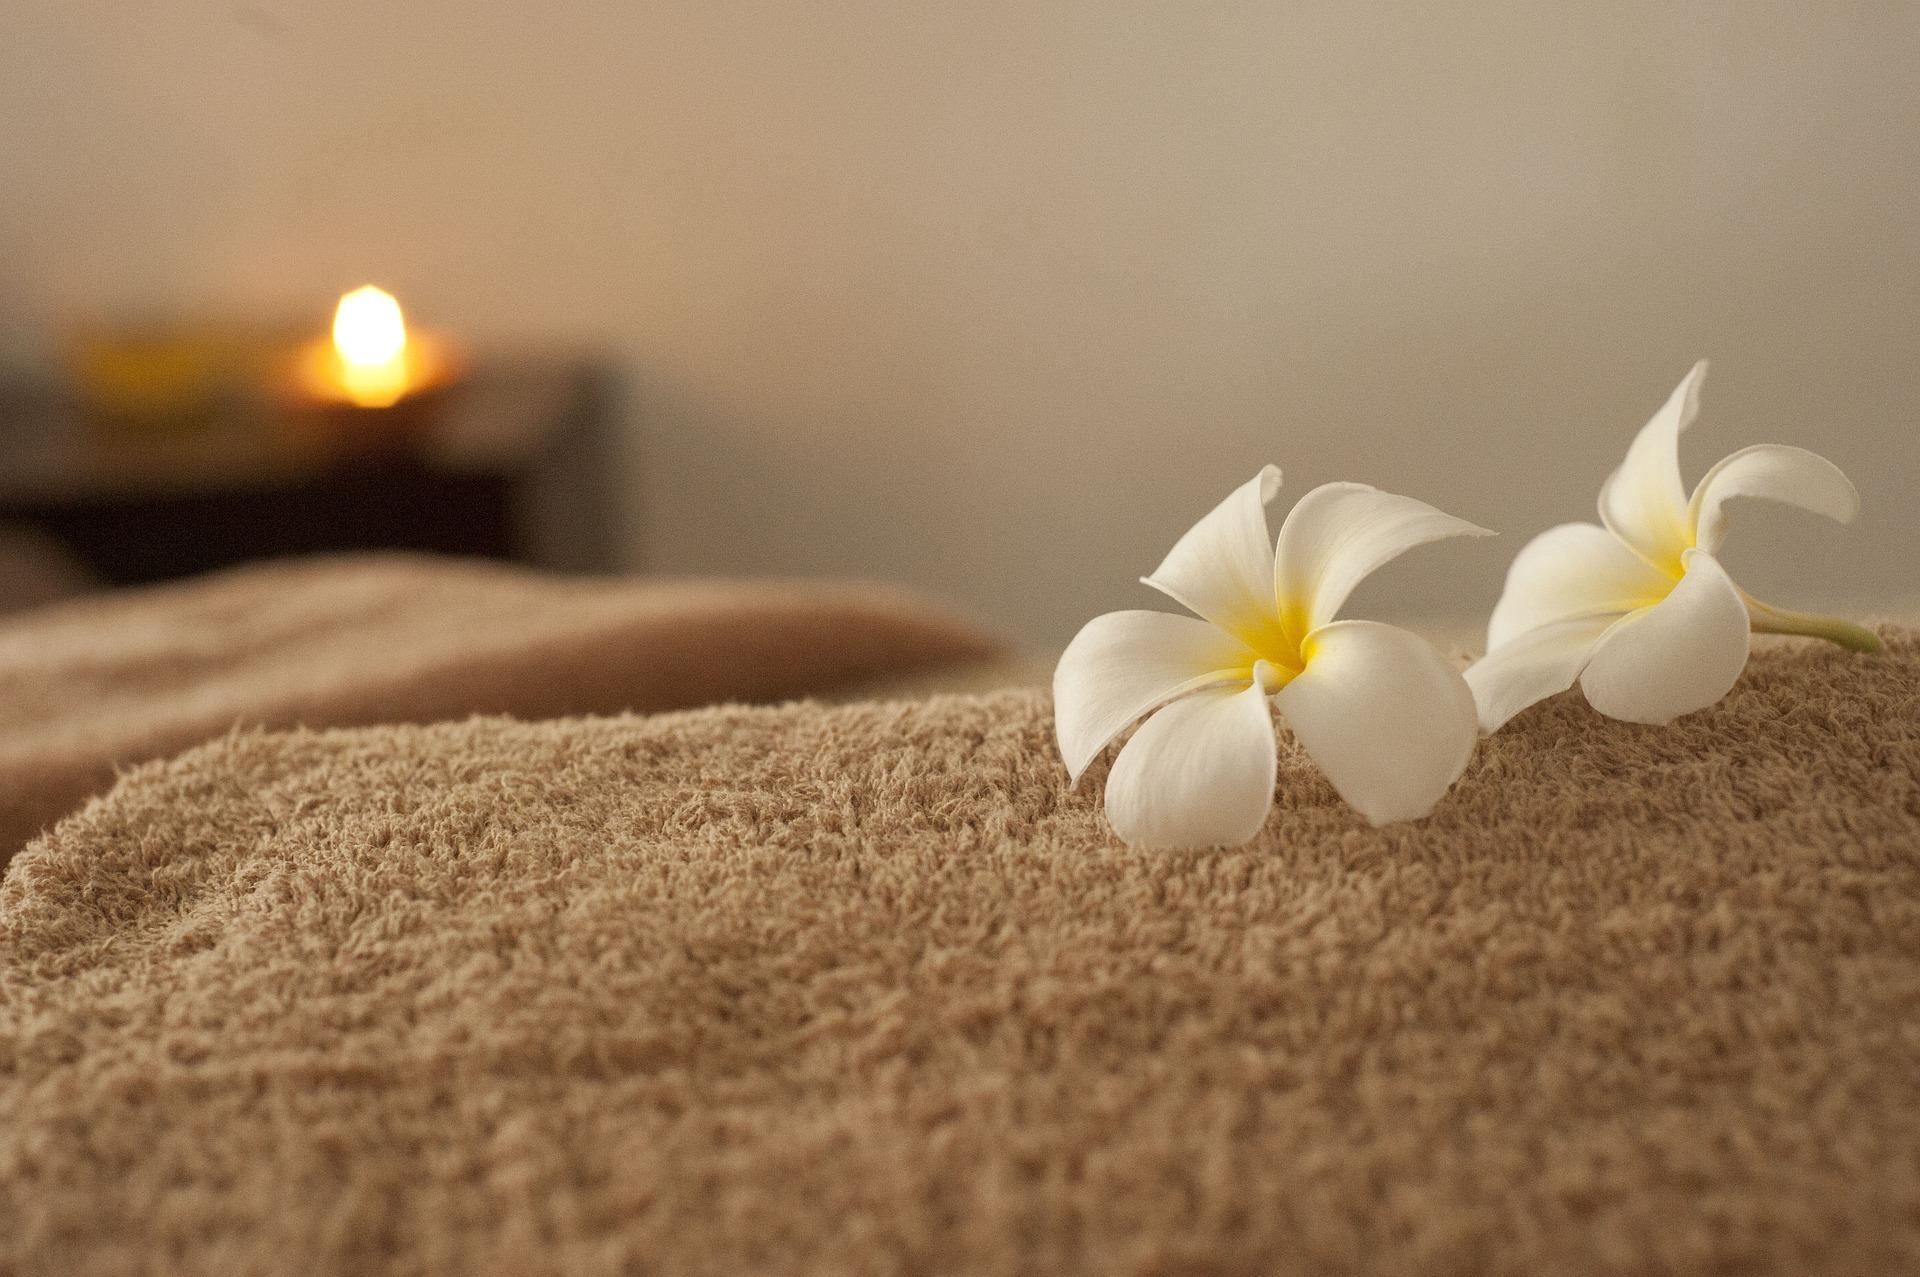 håndklæde og blomster